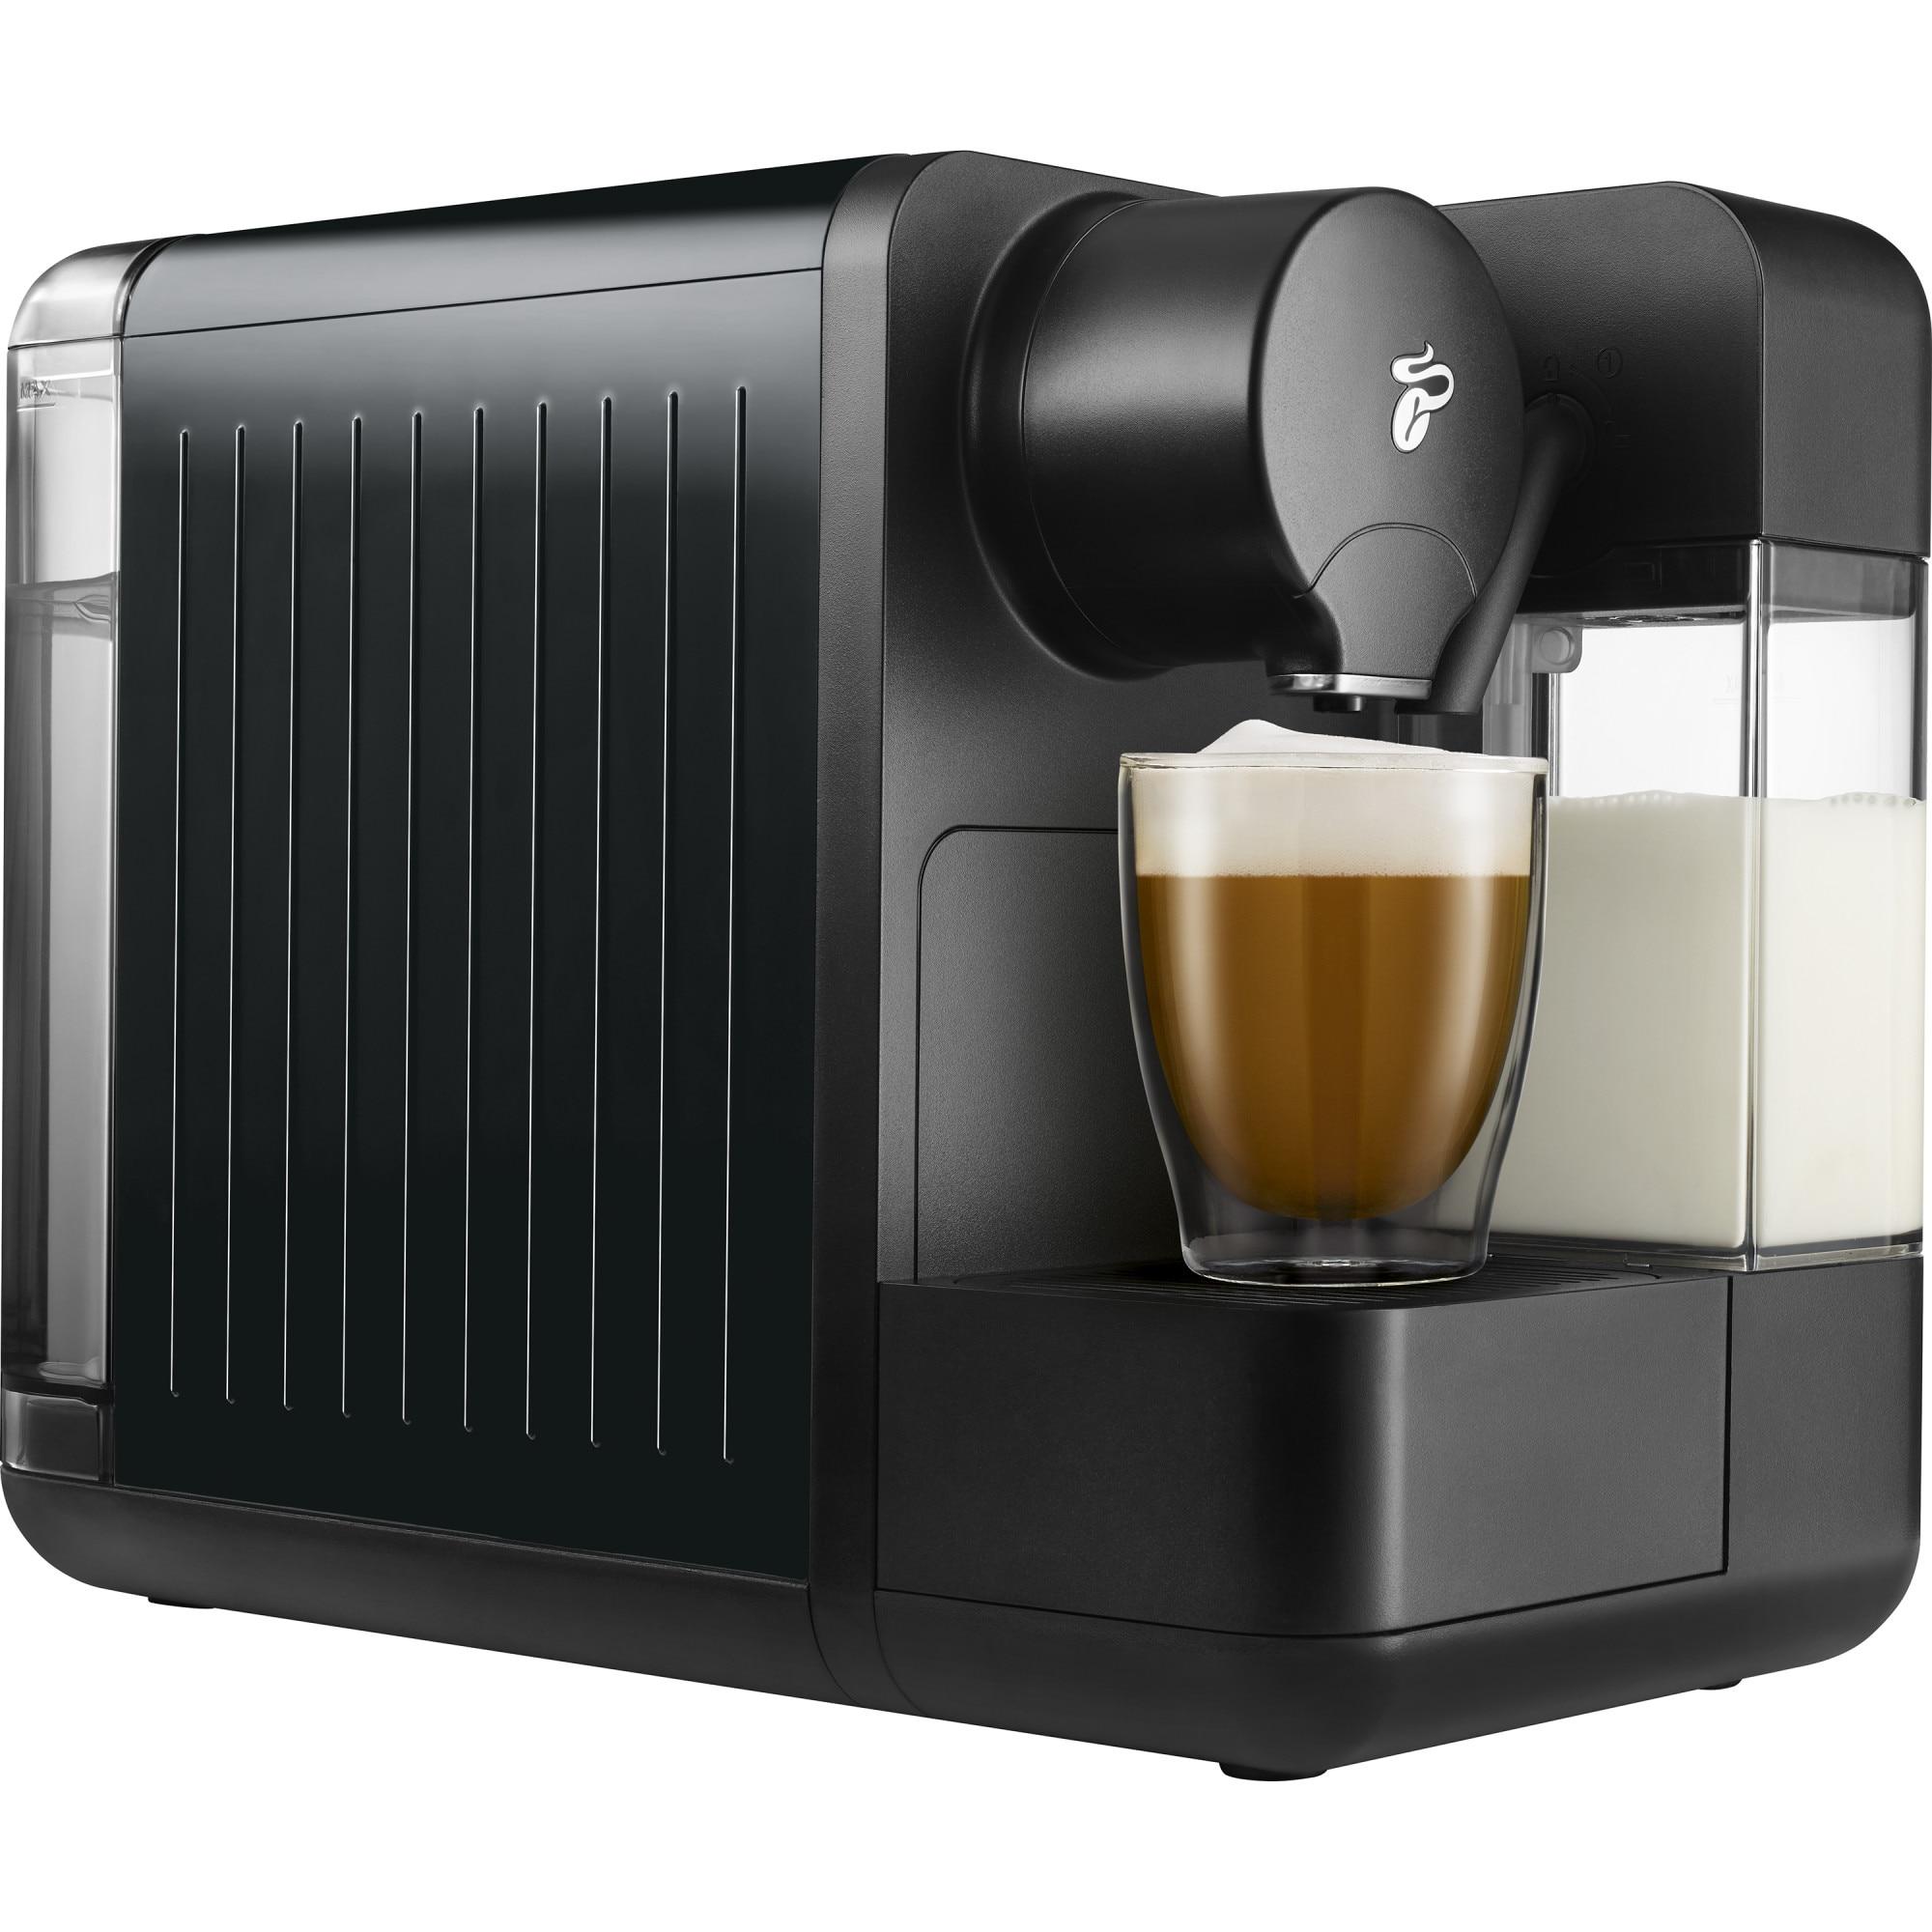 Fotografie Espressor Tchibo Cafissimo milk black, rezervor apa 1.2l, rezervor lapte 400ml, tip bauturi: Espresso Café Crema, Cafea Lunga, Cappuccino, Latte, Negru